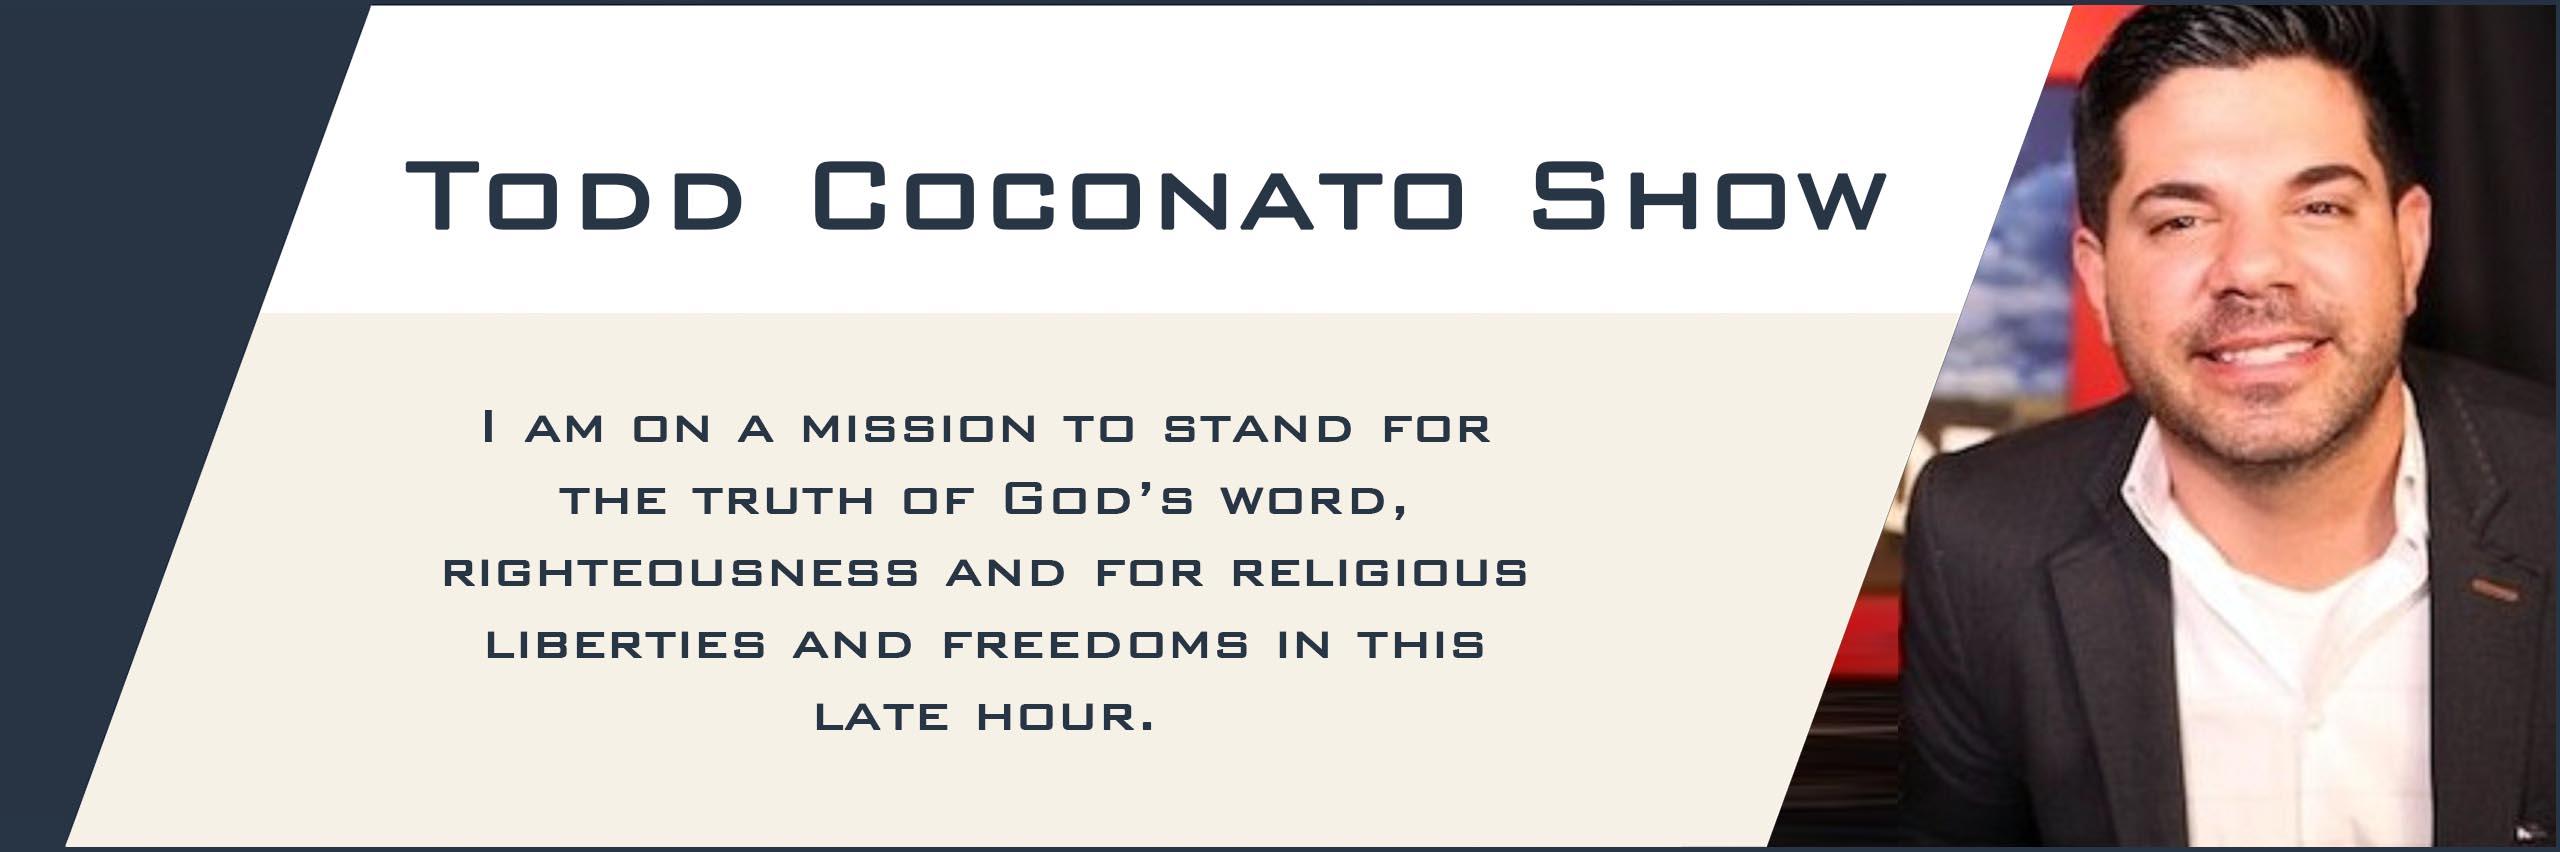 Coconato_Show-header02